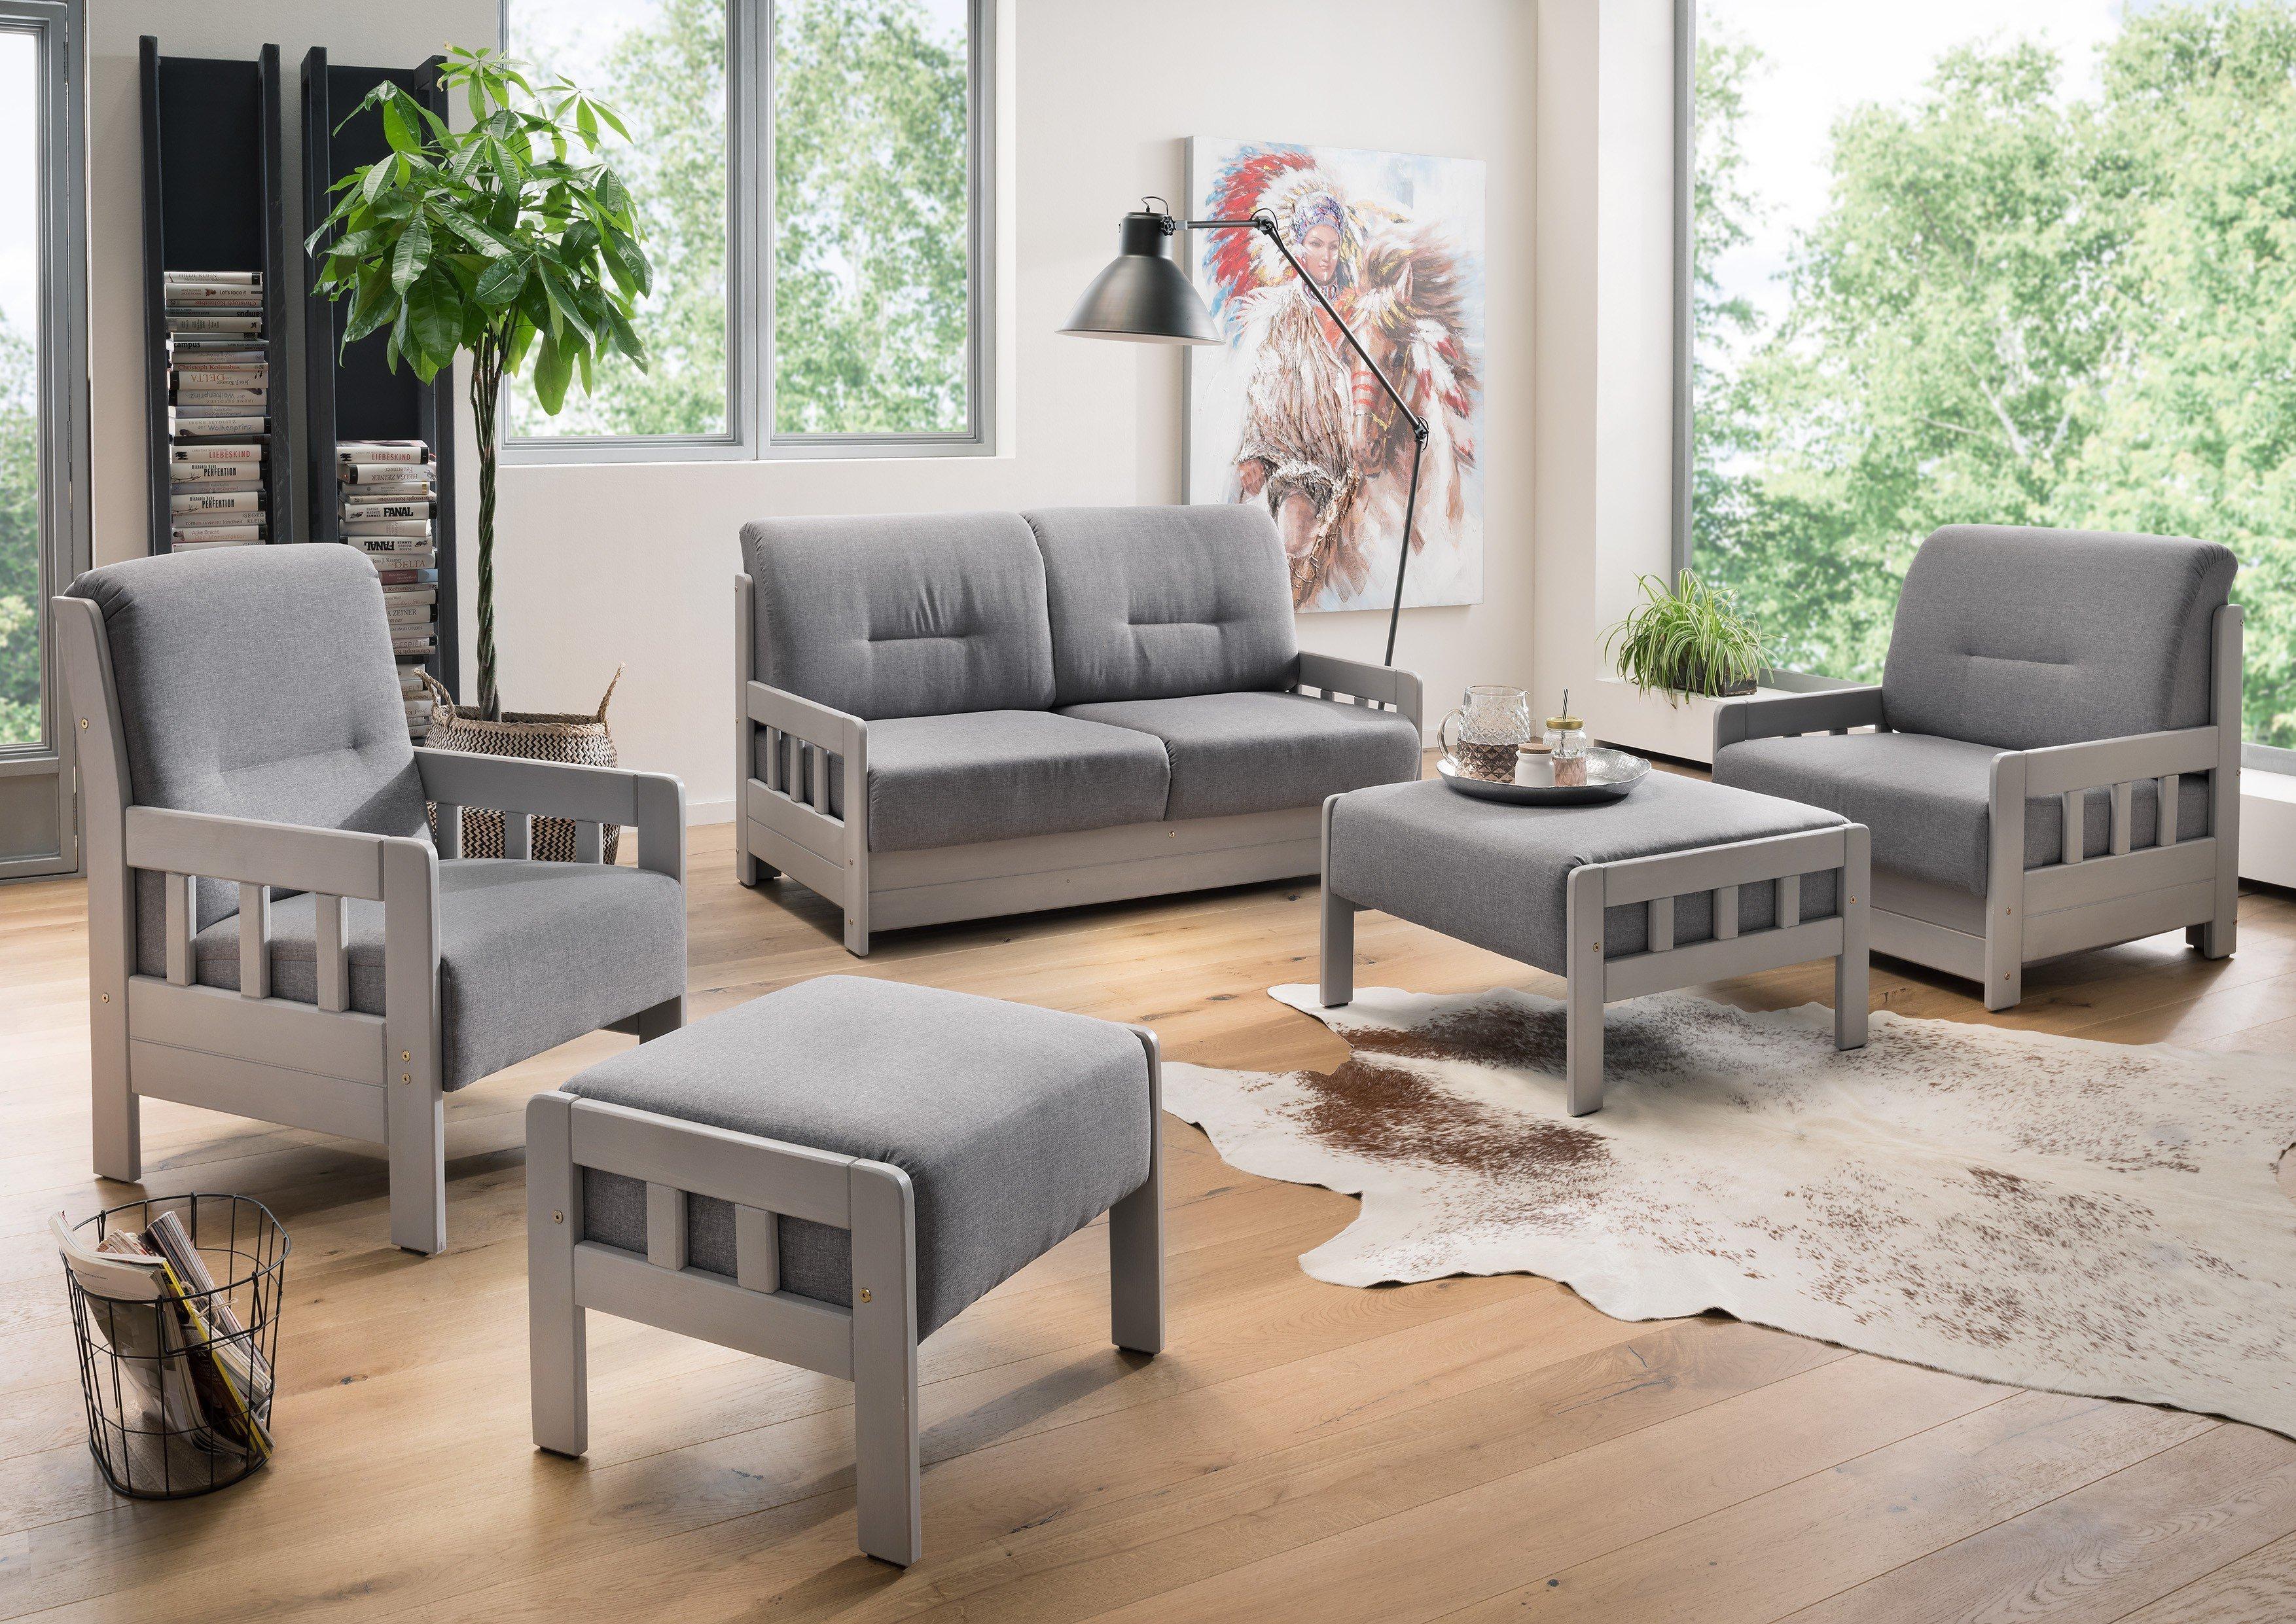 Benformato Schlafsofa Campi in Flieder | Möbel Letz - Ihr Online-Shop